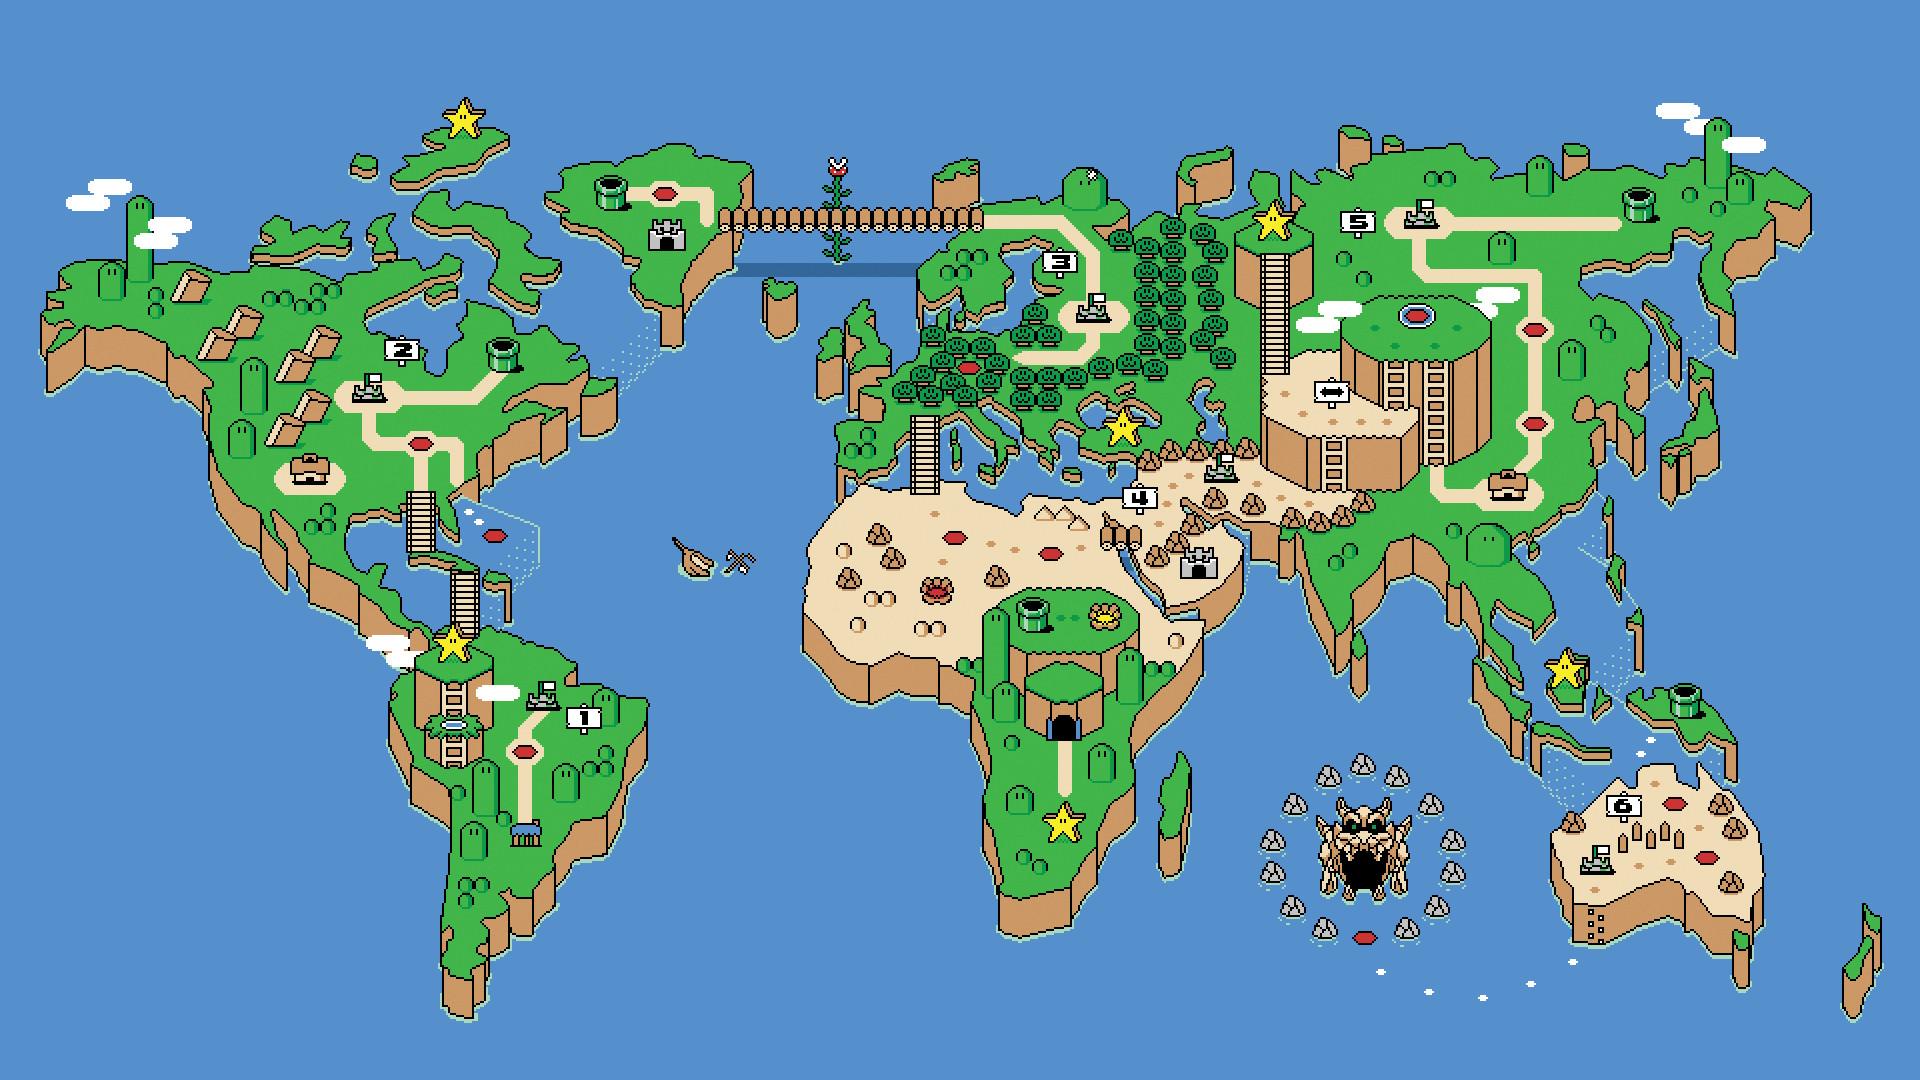 Luigi Mario NES Pixel Art Retro Games Super World Video Map